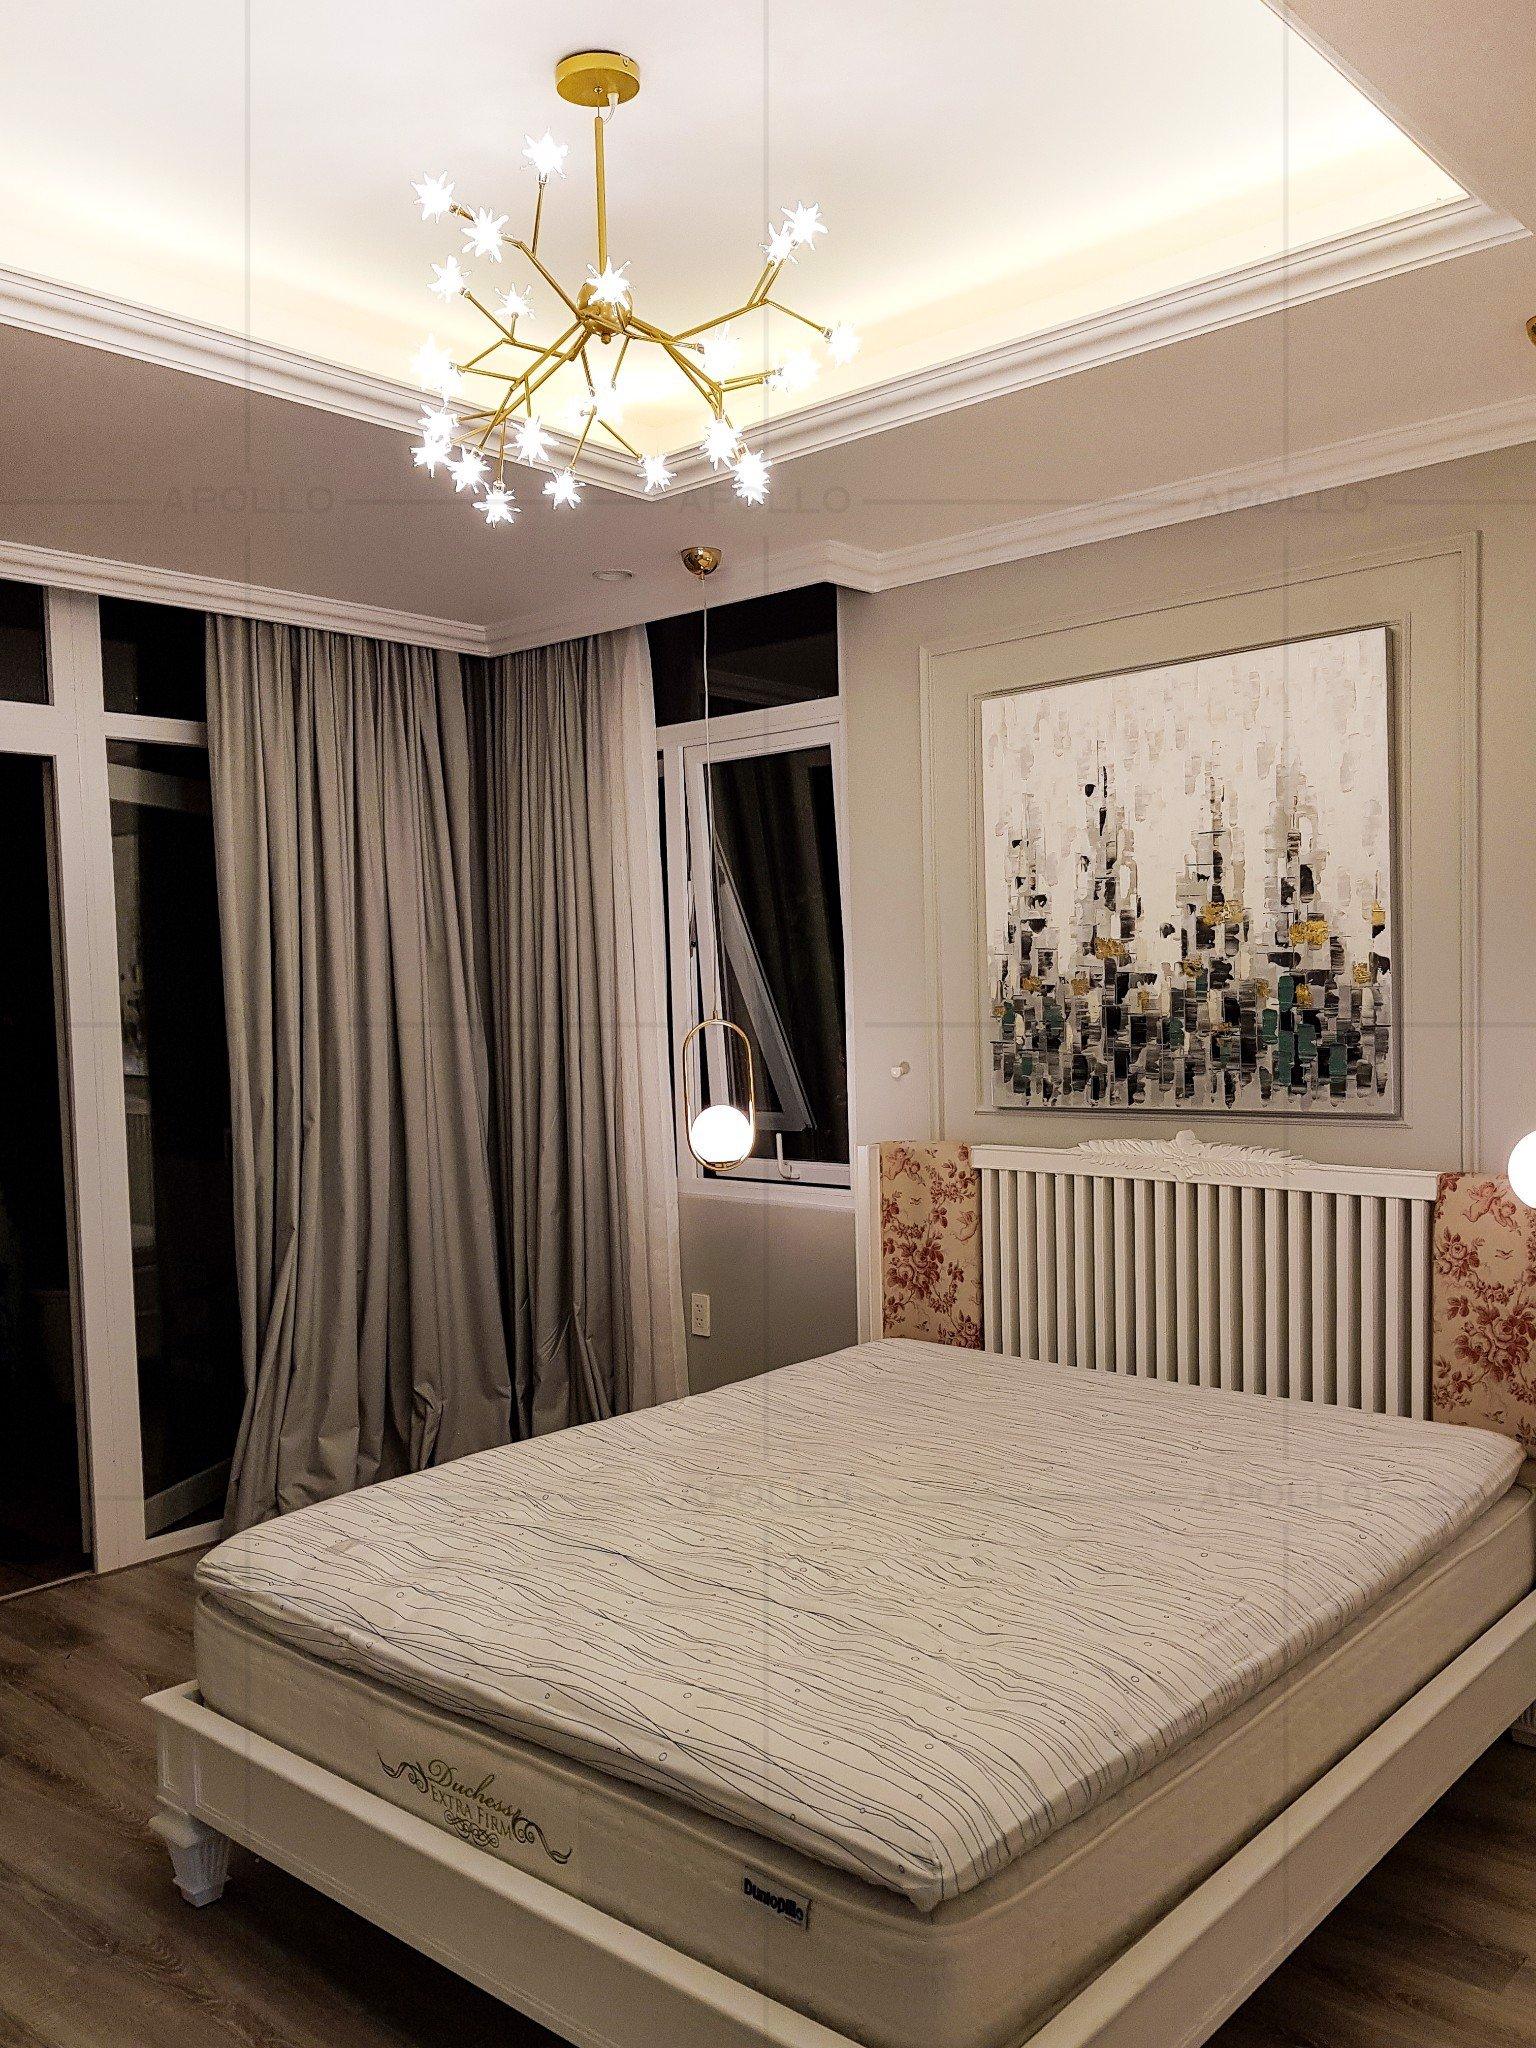 đèn chùm hiện đại trang trí phòng ngủ